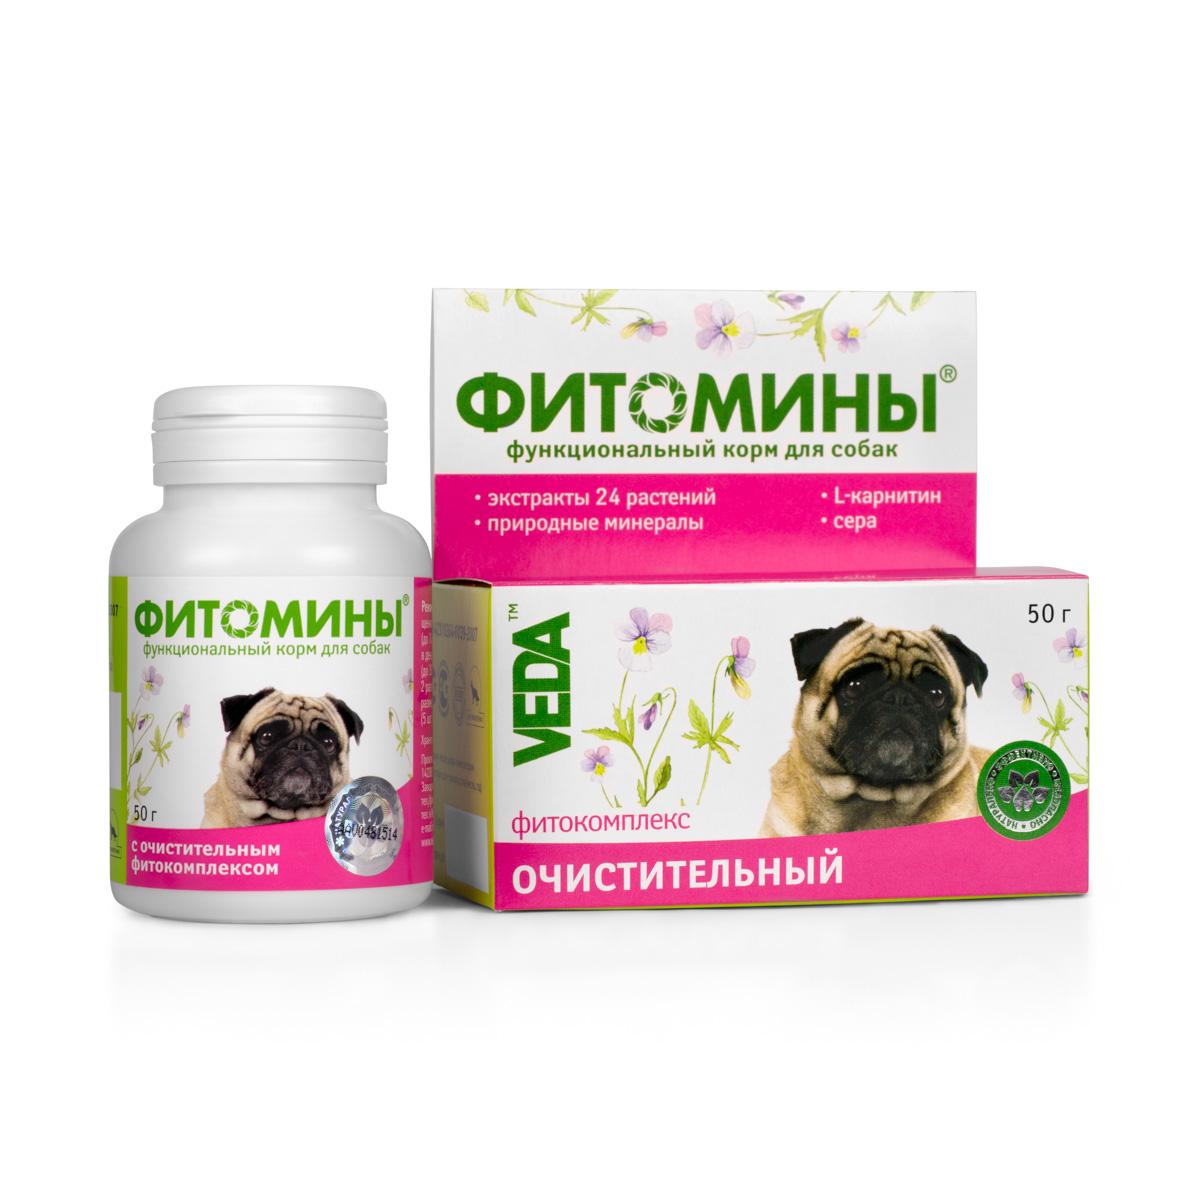 Корм для собак VEDA Фитомины, функциональный, с очистительным фитокомплексом, 50 г43352_новый дизайнФункциональный корм для собак VEDA Фитомины с очистительным фитокомплексом стабилизирует работу кишечника, повышает аппетит, восстанавливает и защищает печень, снижает уровень билирубина и холестерина в крови.Рекомендуется включать в рацион животных имеющих отклонения в работе органов:- желудочно-кишечного тракта, - печени, желчного пузыря, желчных протоков, поджелудочной железы.Состав: лактоза; крахмал; дрожжи пивные; фитокомплекс: чаги, цветков ромашки, травы репейничка аптечного, травы солянки холмовой, листьев мяты перечной, цветков бессмертника песчаного, травы сушеницы топяной, травы тысячелистника, травы подмаренника настоящего, травы чистотела, листьев крапивы, почек березы, травы кипрея узколистного, травы зверобоя, травы эхинацеи пурпурной, плодов фенхеля, цветков буквицы, цветков лабазника вязолистного, травы будры плющевидной, корней одуванчика, корней и корневищ солодки, травы фиалки, листьев подорожника большого, травы золототысячника; природный минеральный комплекс; паровая мясная мука; стеарат кальция; L-карнитин; сера. В 100 г продукта содержится (не менее): углеводы - 92 г; жиры - 0,1 г; белки – 2,0 г; кальций - 600 мг; фосфор - 360 мг; железо - 15,0 мг; цинк - 4 мг; марганец - 0,1 мг; медь - 0,3 мг; L-карнитин - 0,5 г; сера - 0,1 г.Энергетическая ценность в 100 г: 380 ккал.Товар сертифицирован.